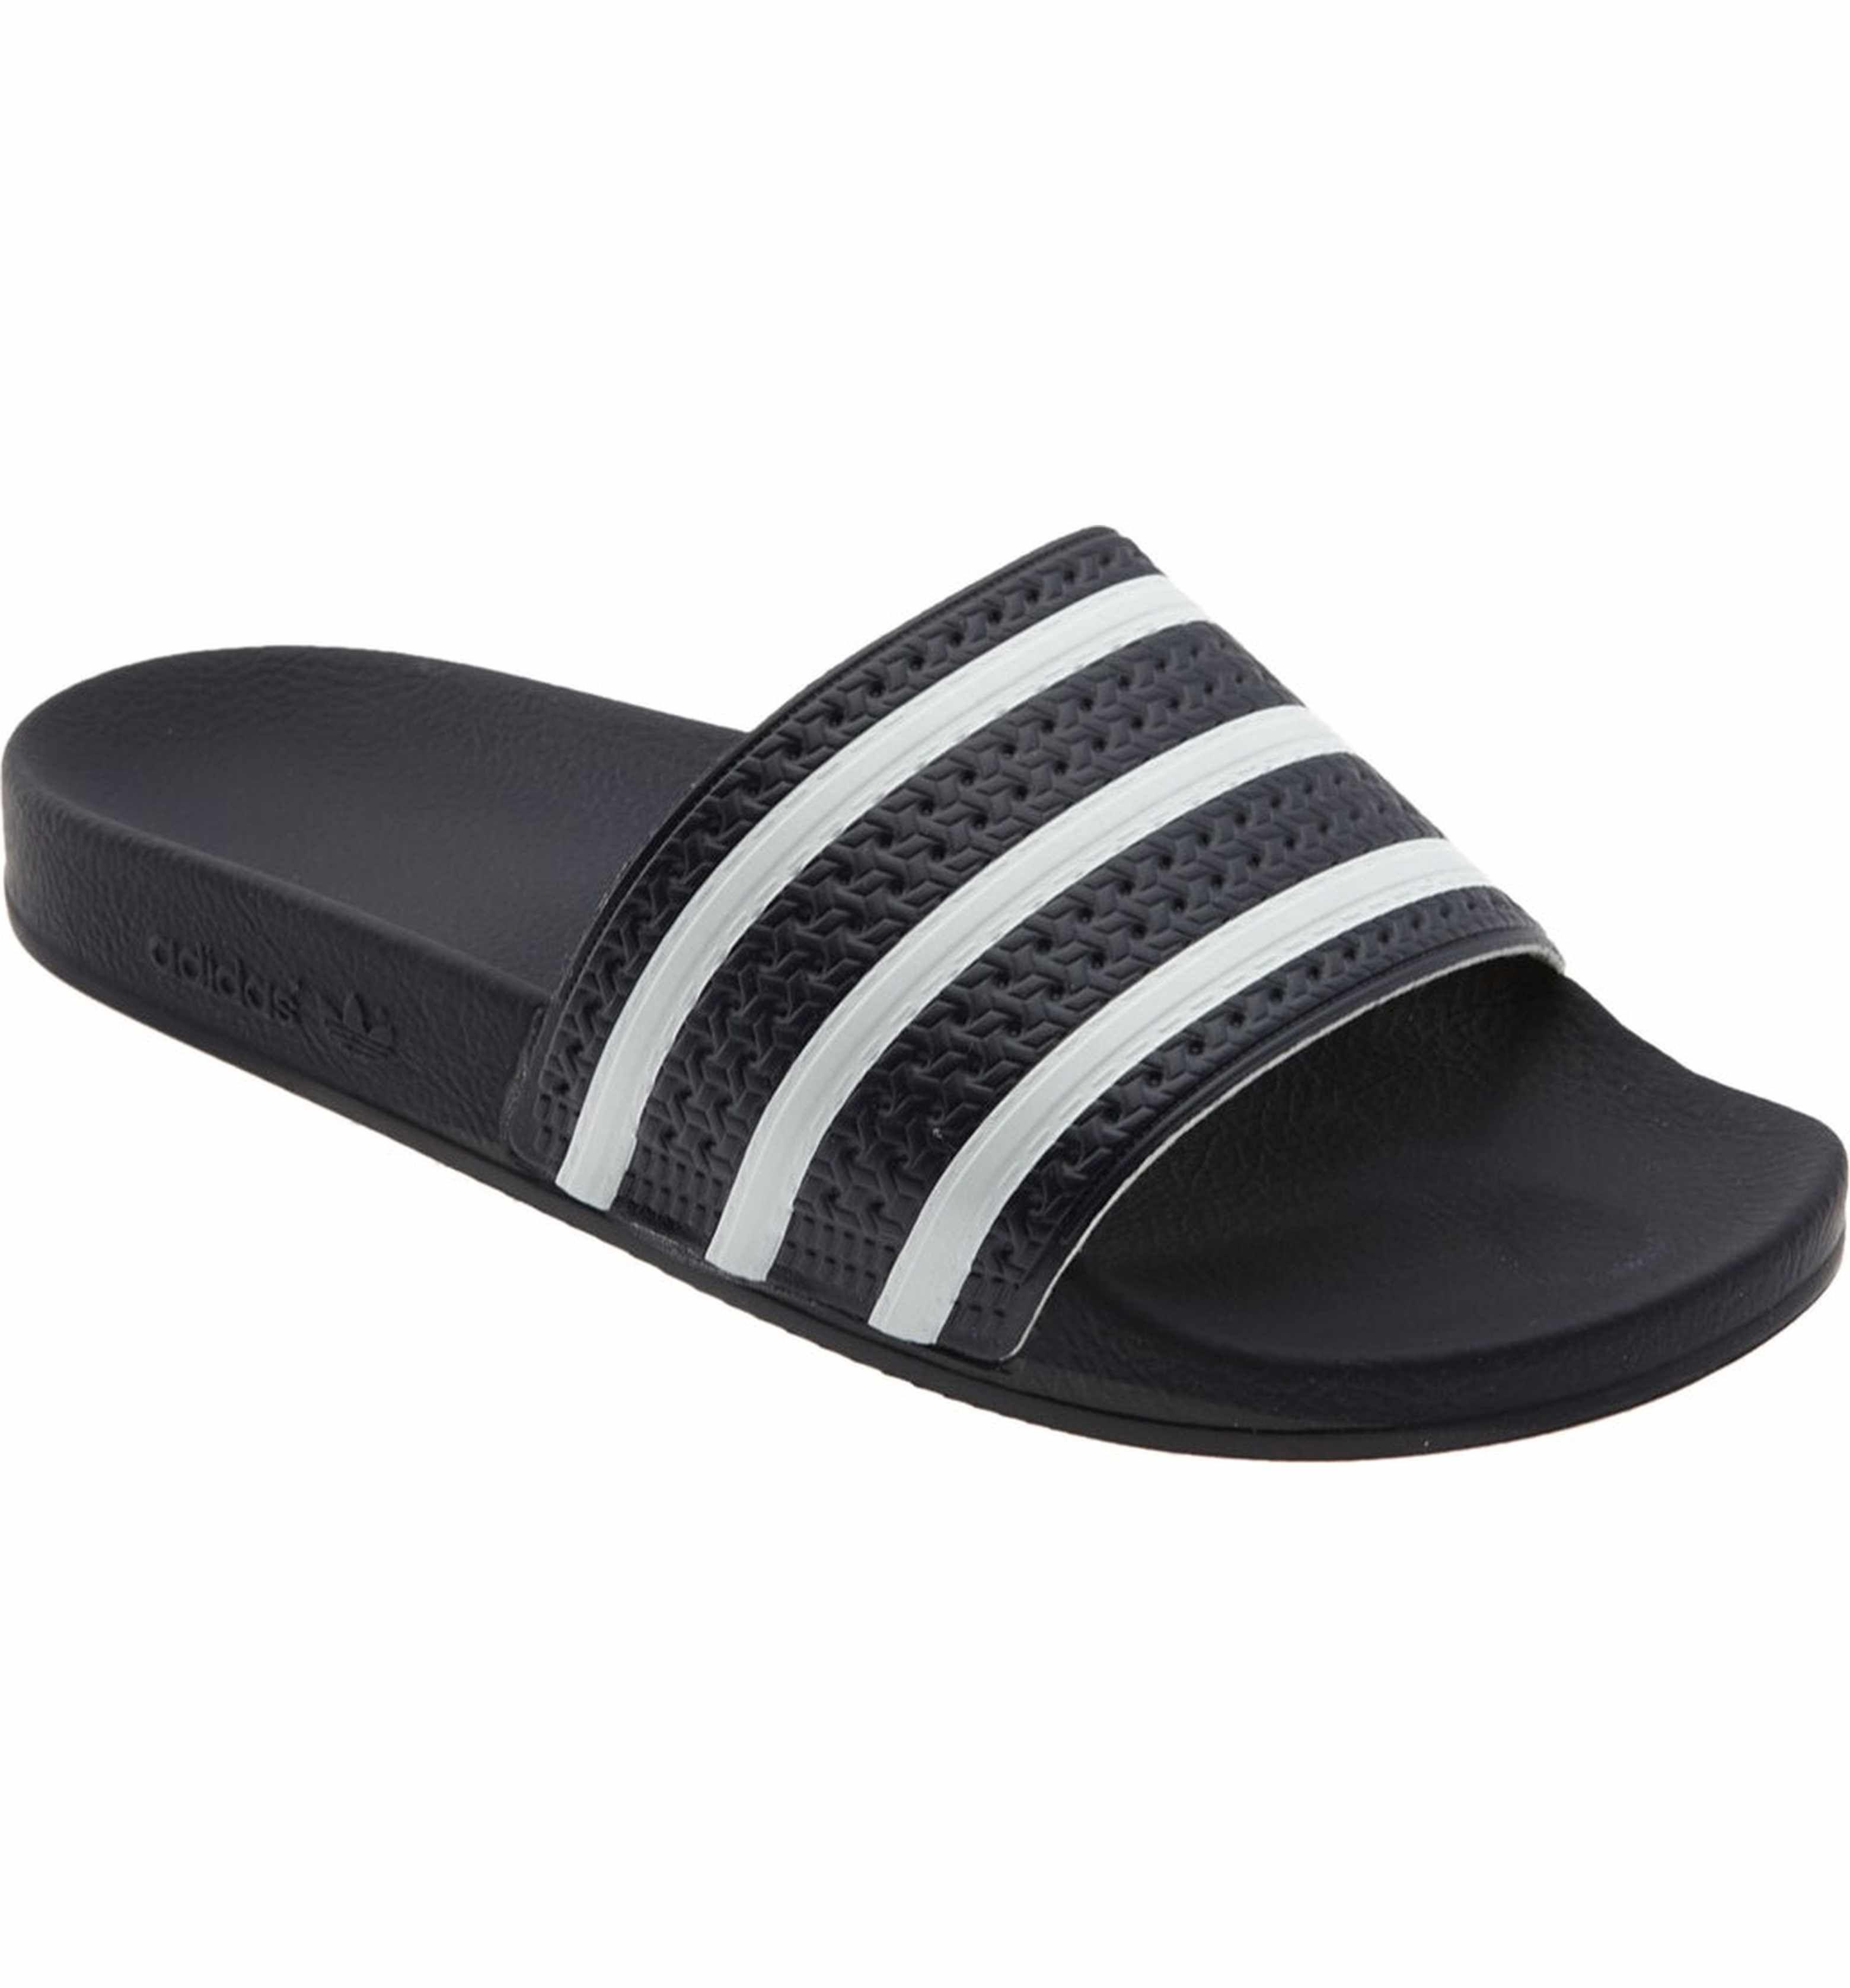 Adidas Adilette Slides Moda